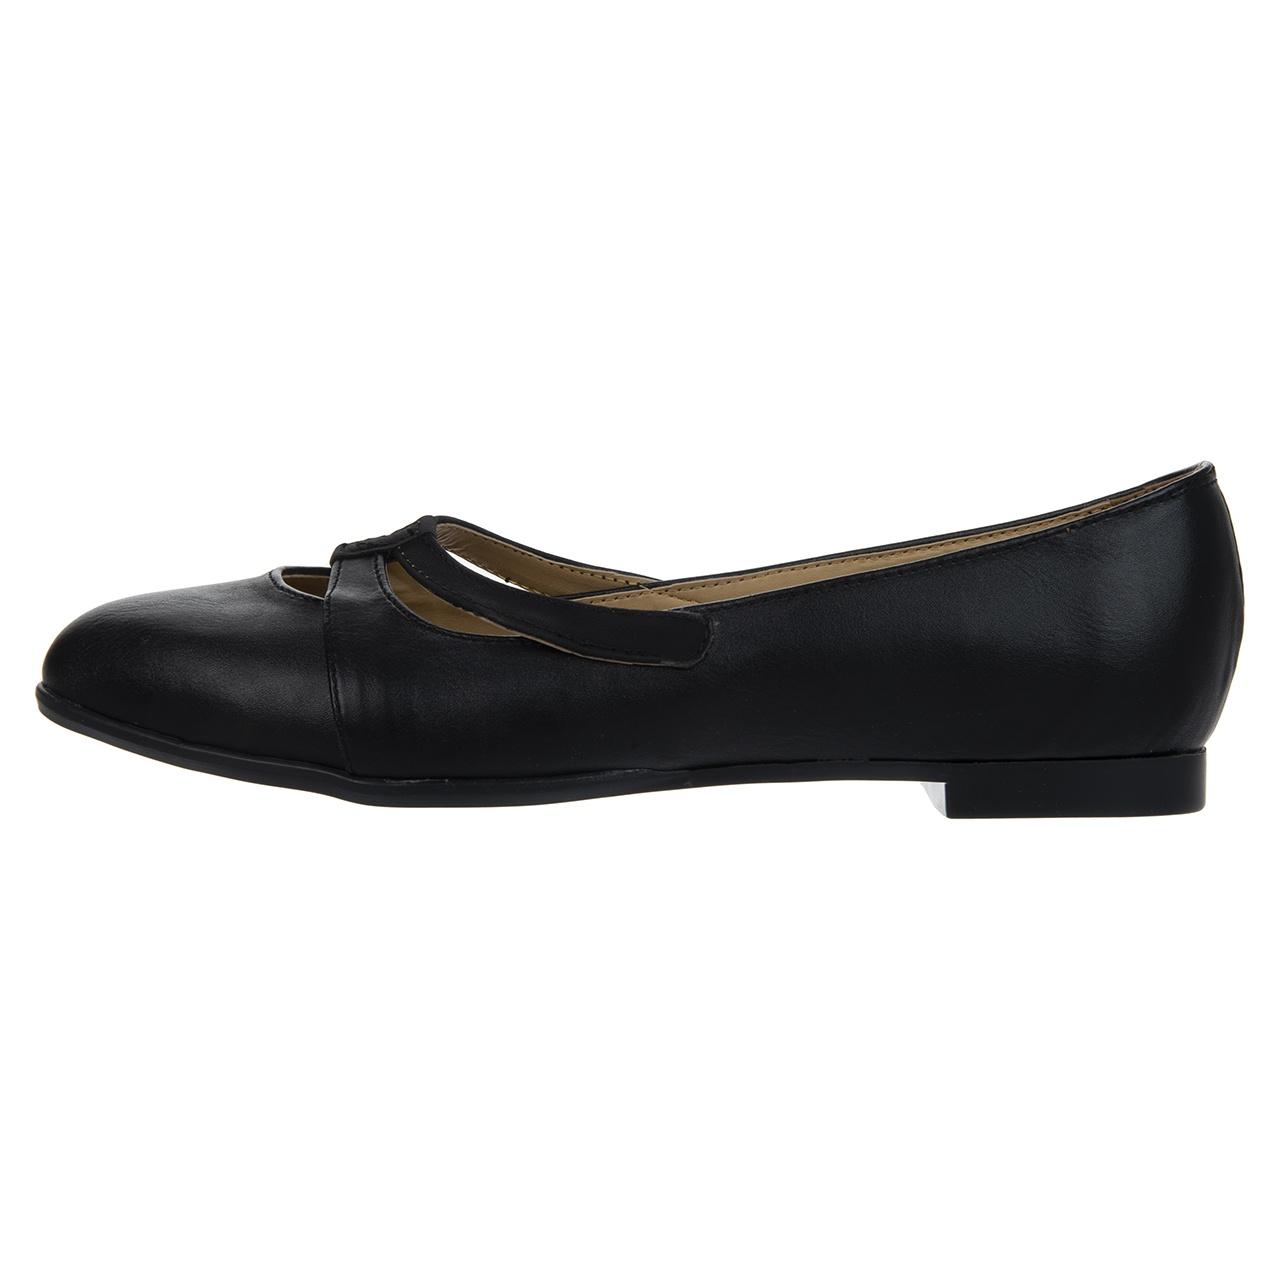 کفش زنانه کد 302 رنگ مشکی